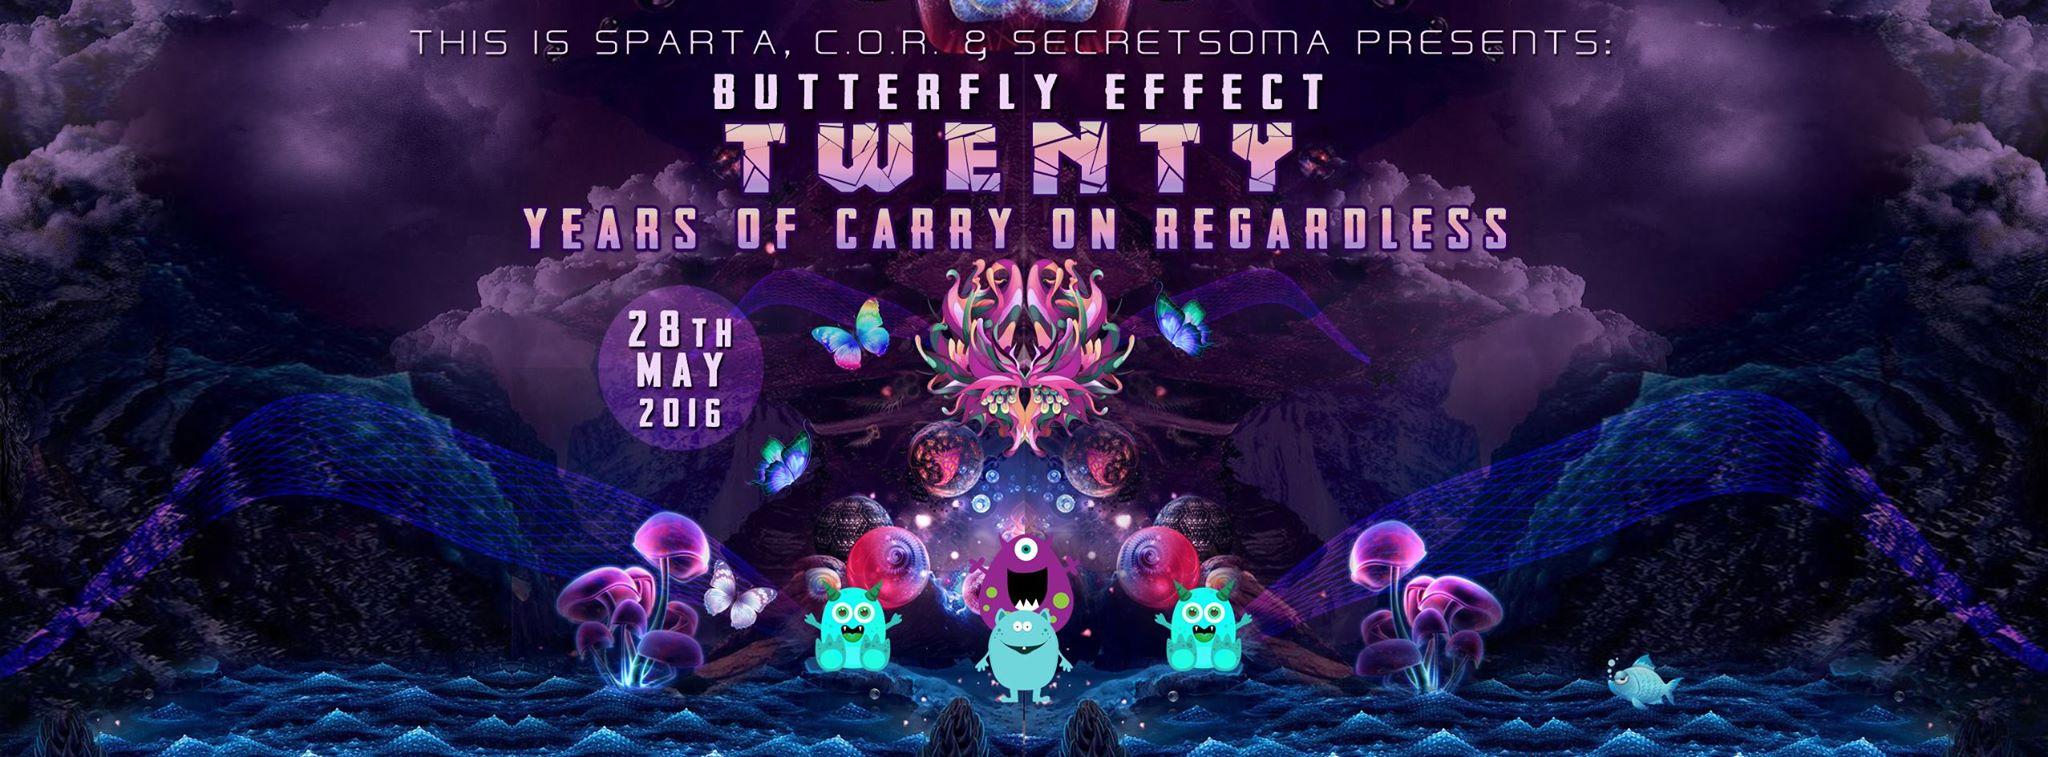 Butterfly effect 28 May 2016 .jpg